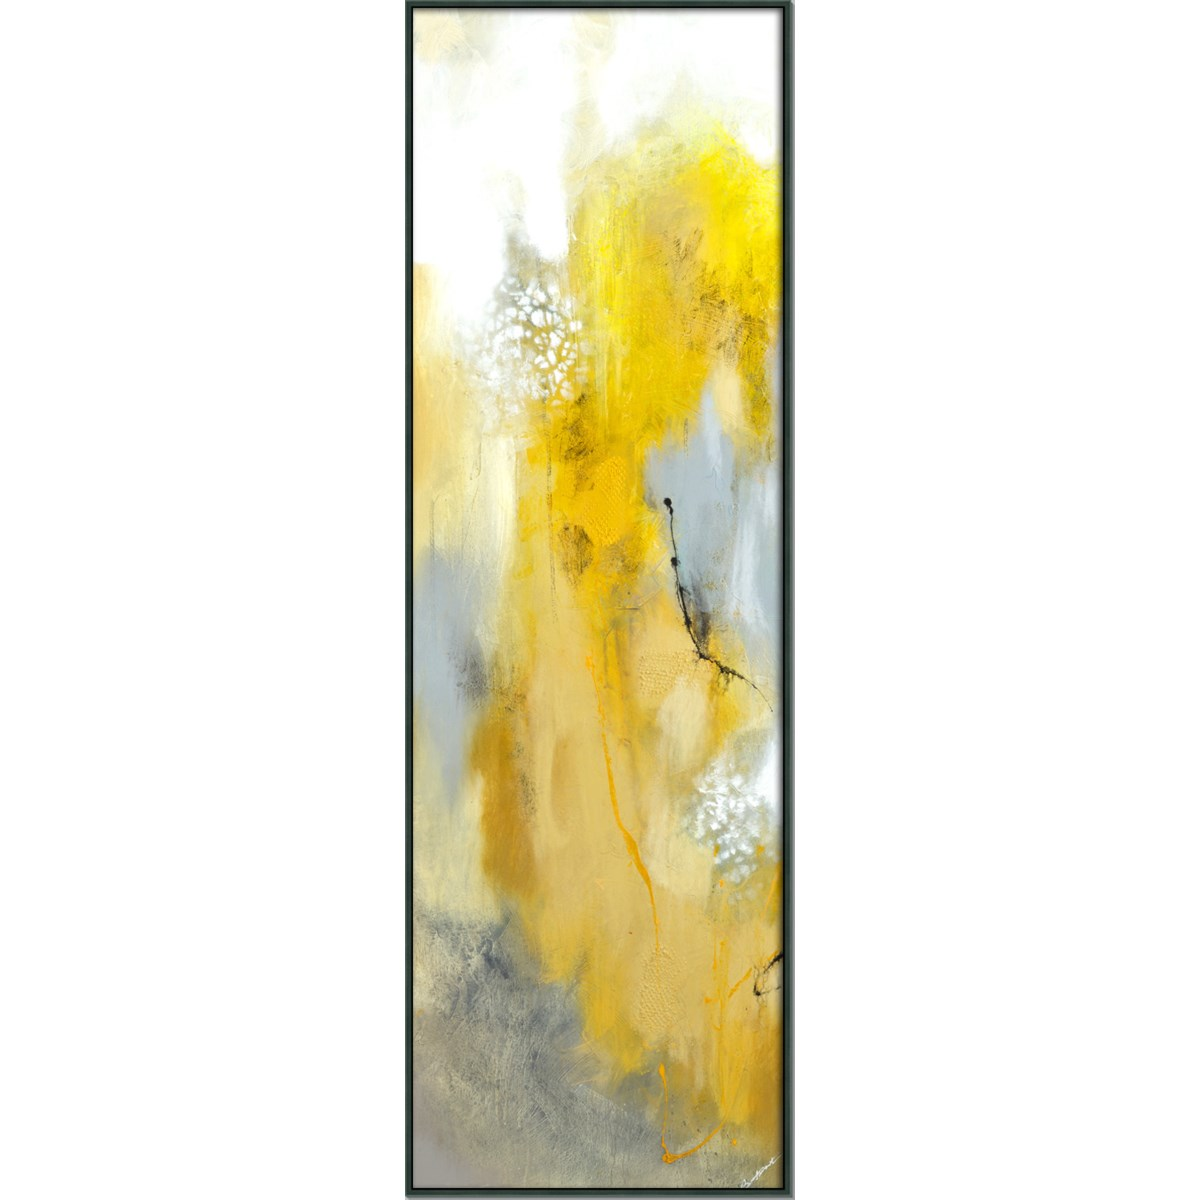 SUNLIT II (framed)